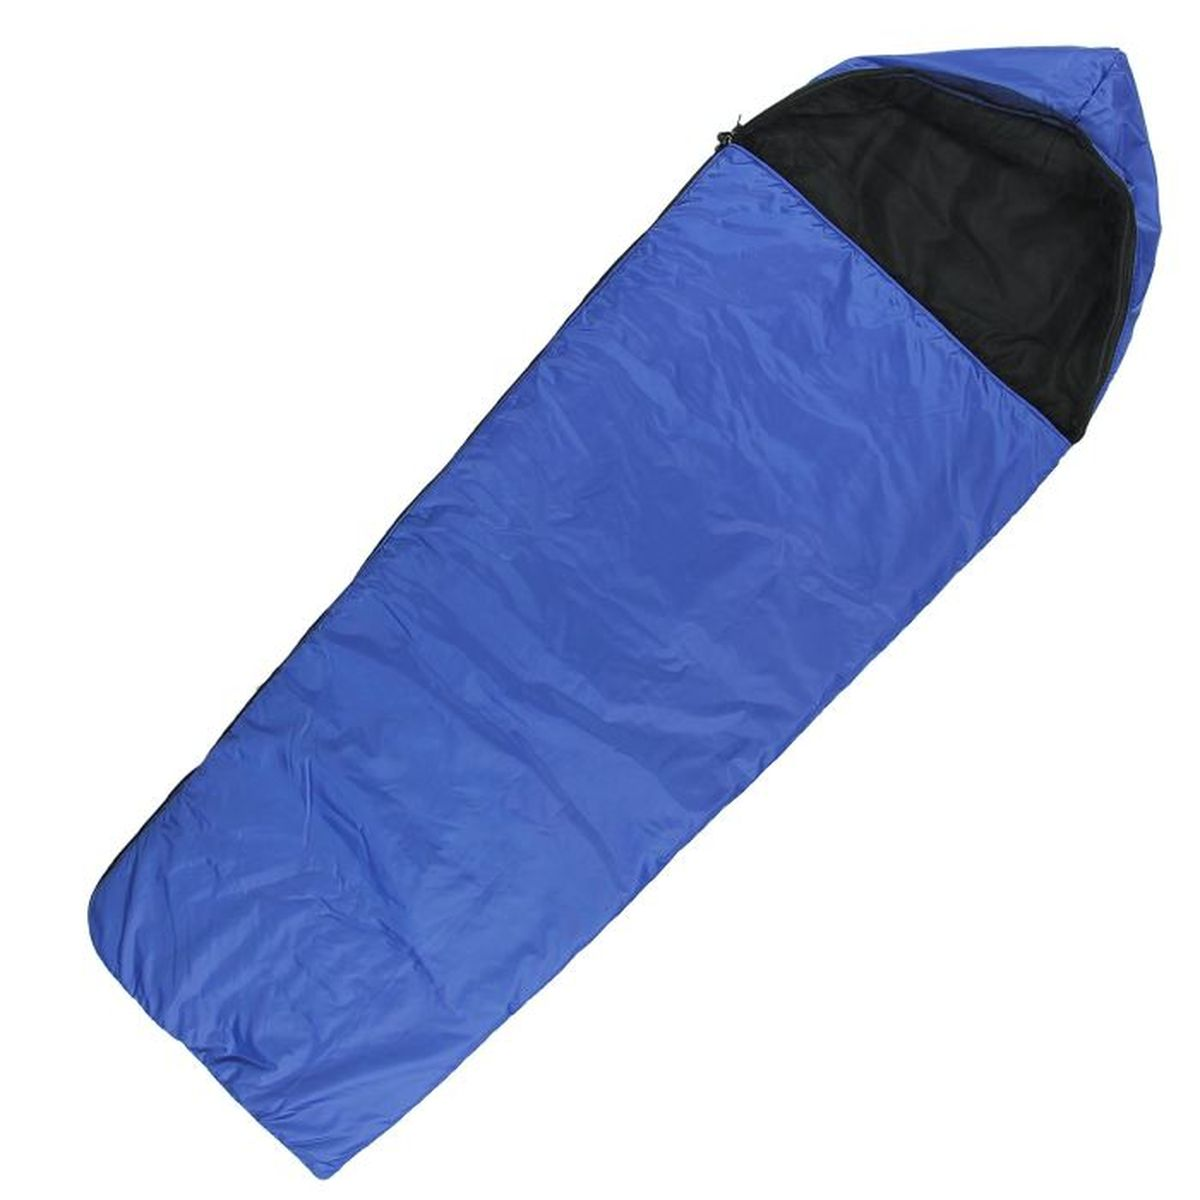 Мешок спальный Onlitop Люкс, цвет: синий, правосторонняя молния спальный мешок onlitop престиж цвет черный бежевый правосторонняя молния 1344029